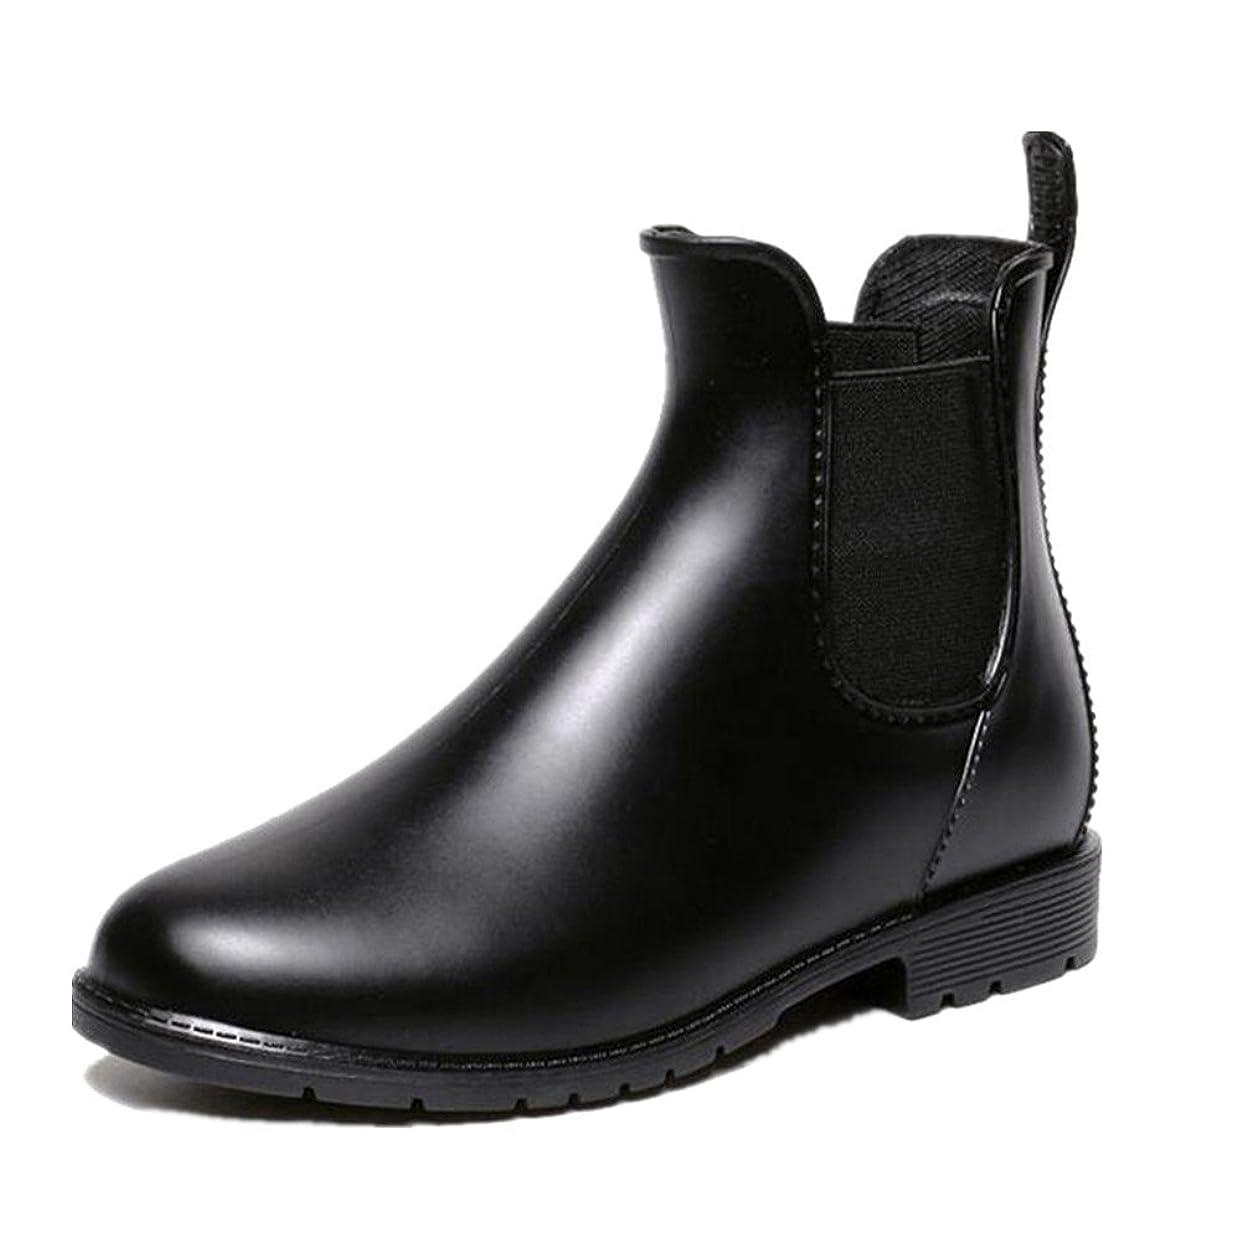 アイザック数学エキス雨靴 レインブーツ シューズ レディース 滑り止め ブラック 【39】24.5cm